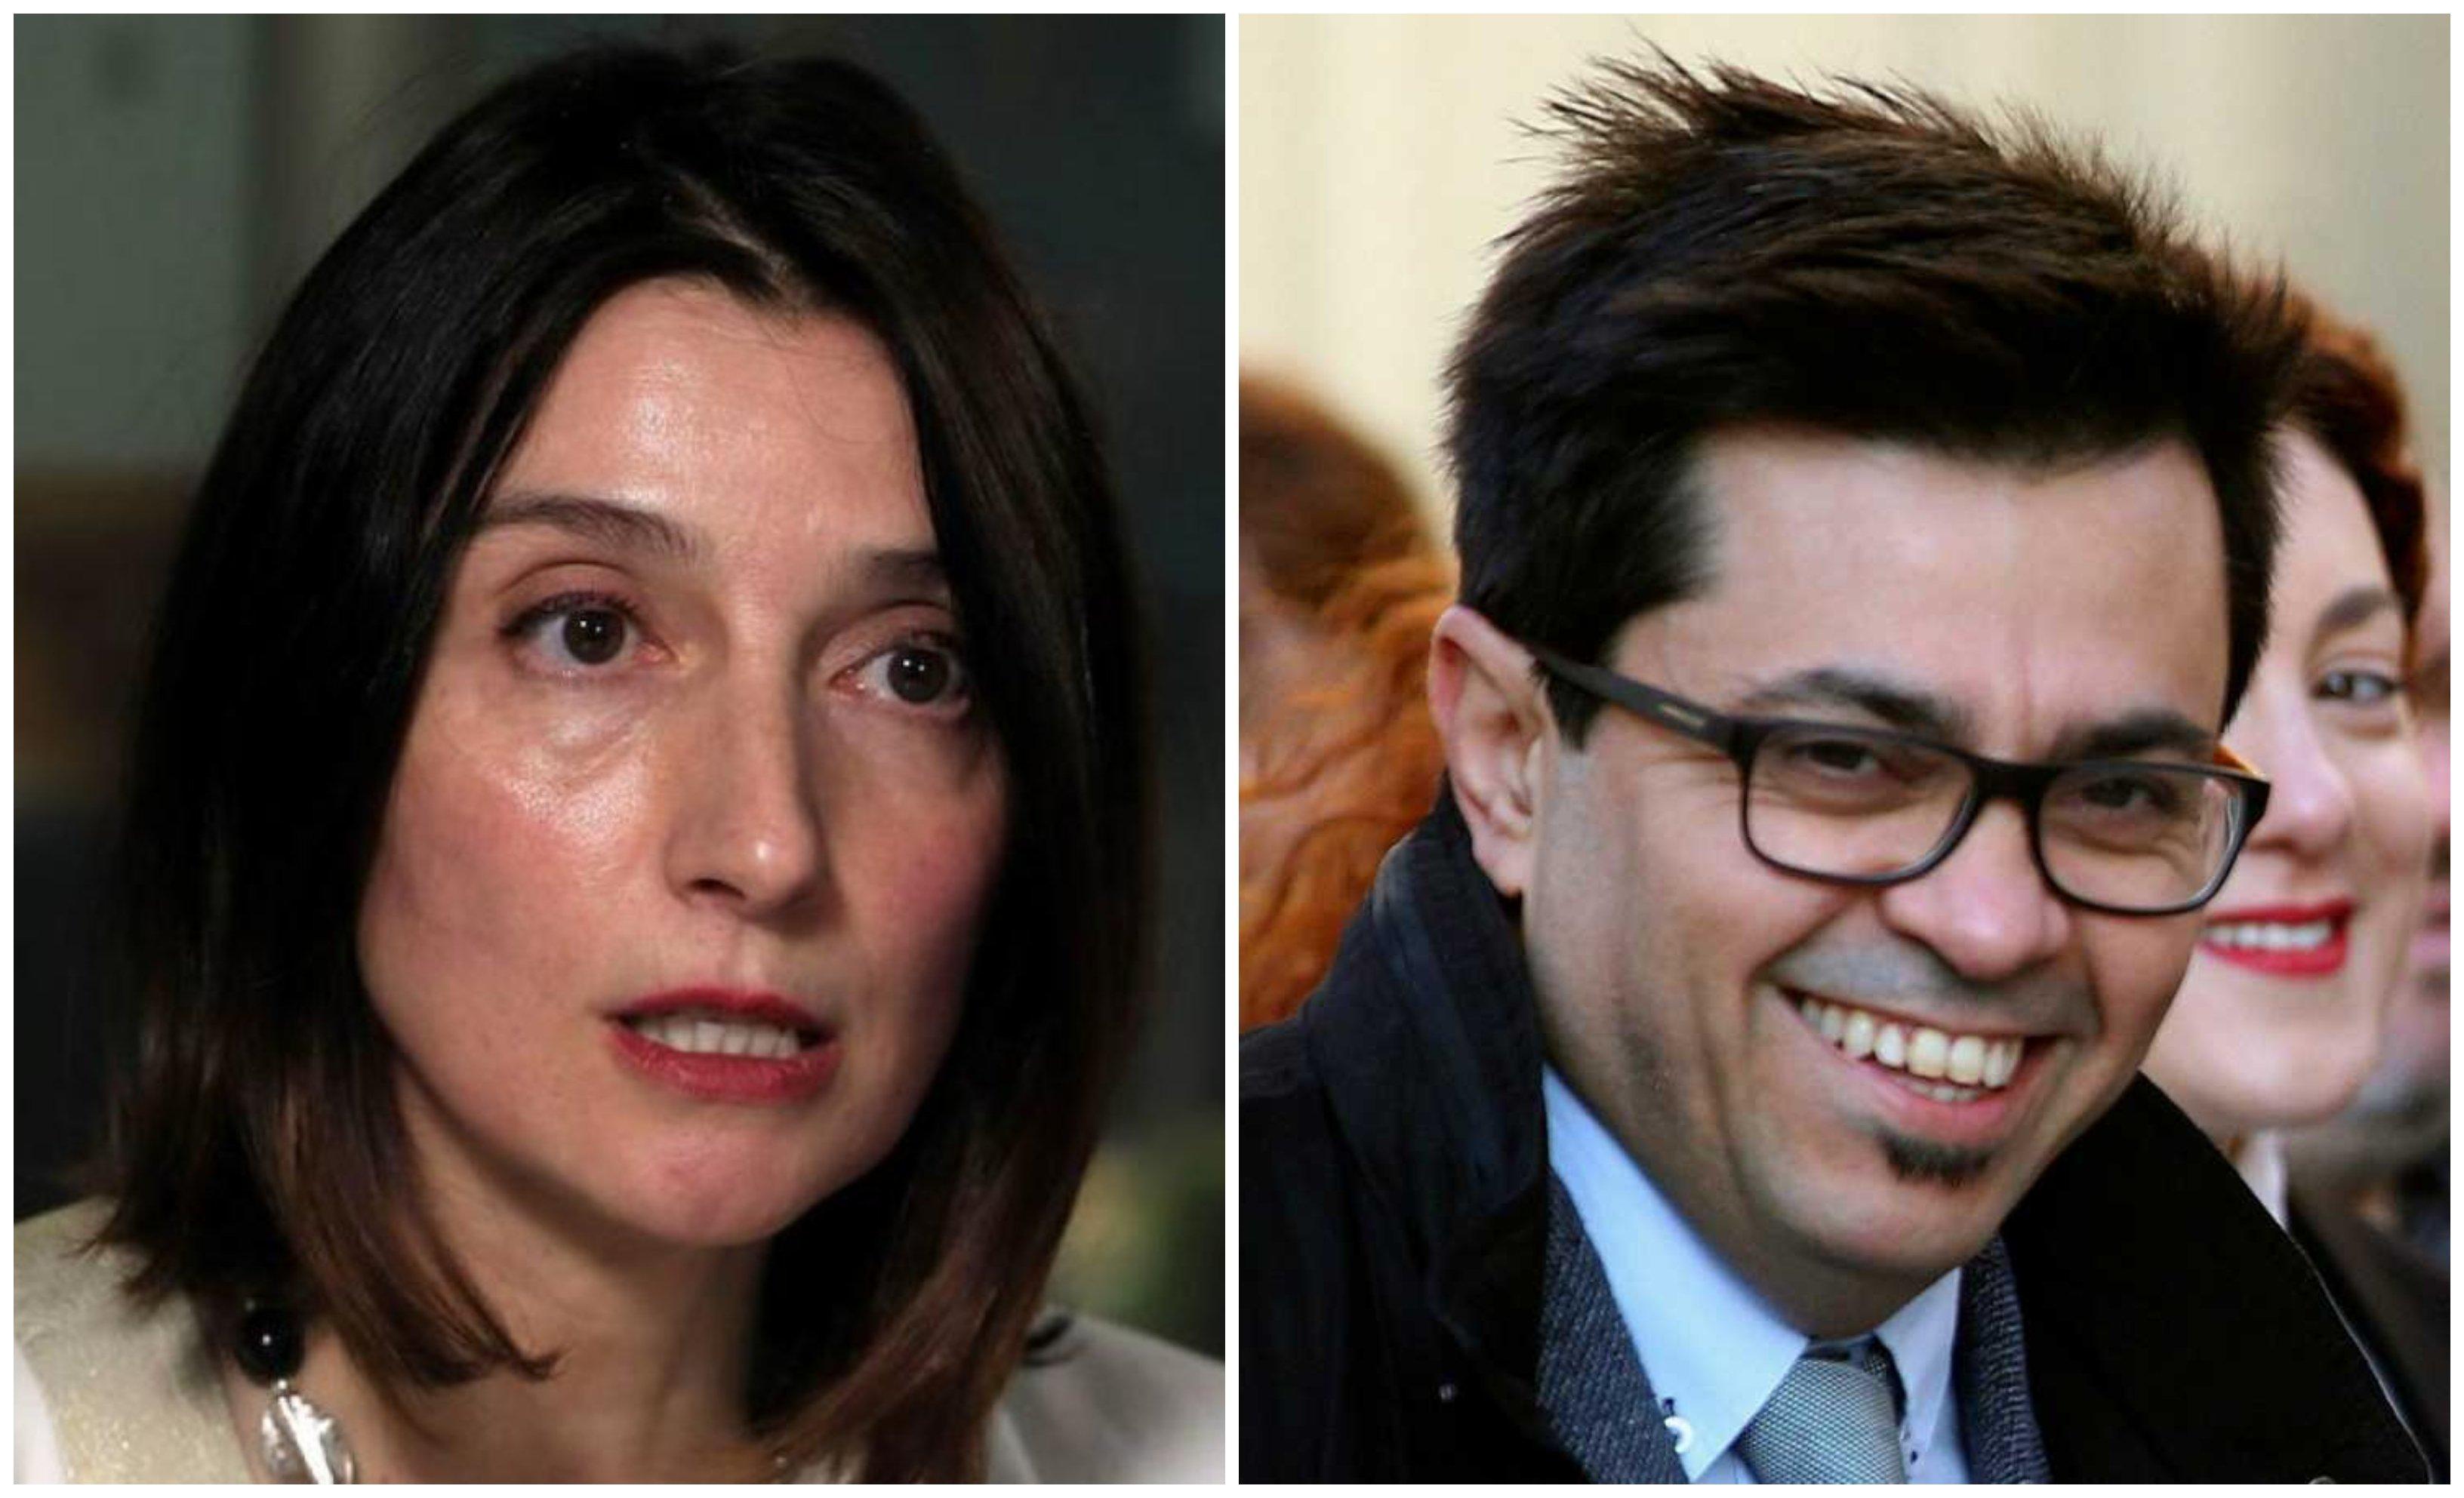 La presidenta del Senado, Pilar Llop y Gerardo Pisarello, secretario primero del Congreso de los Diputados